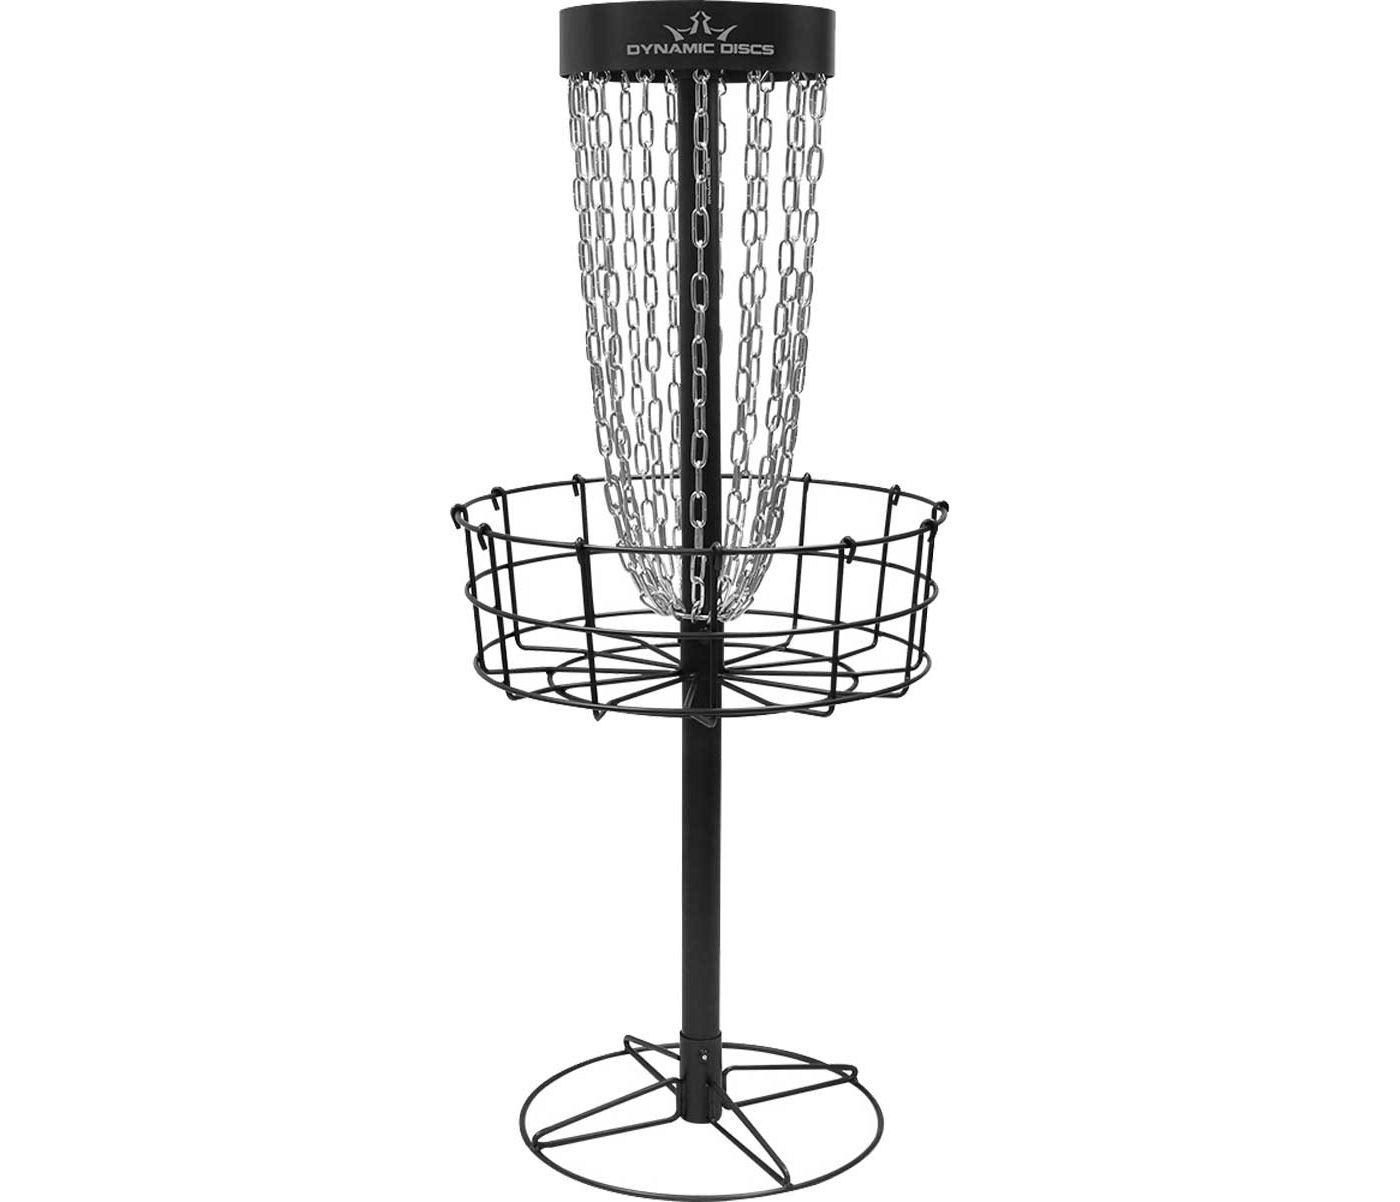 Dynamic Discs Marksman Disc Golf Basket